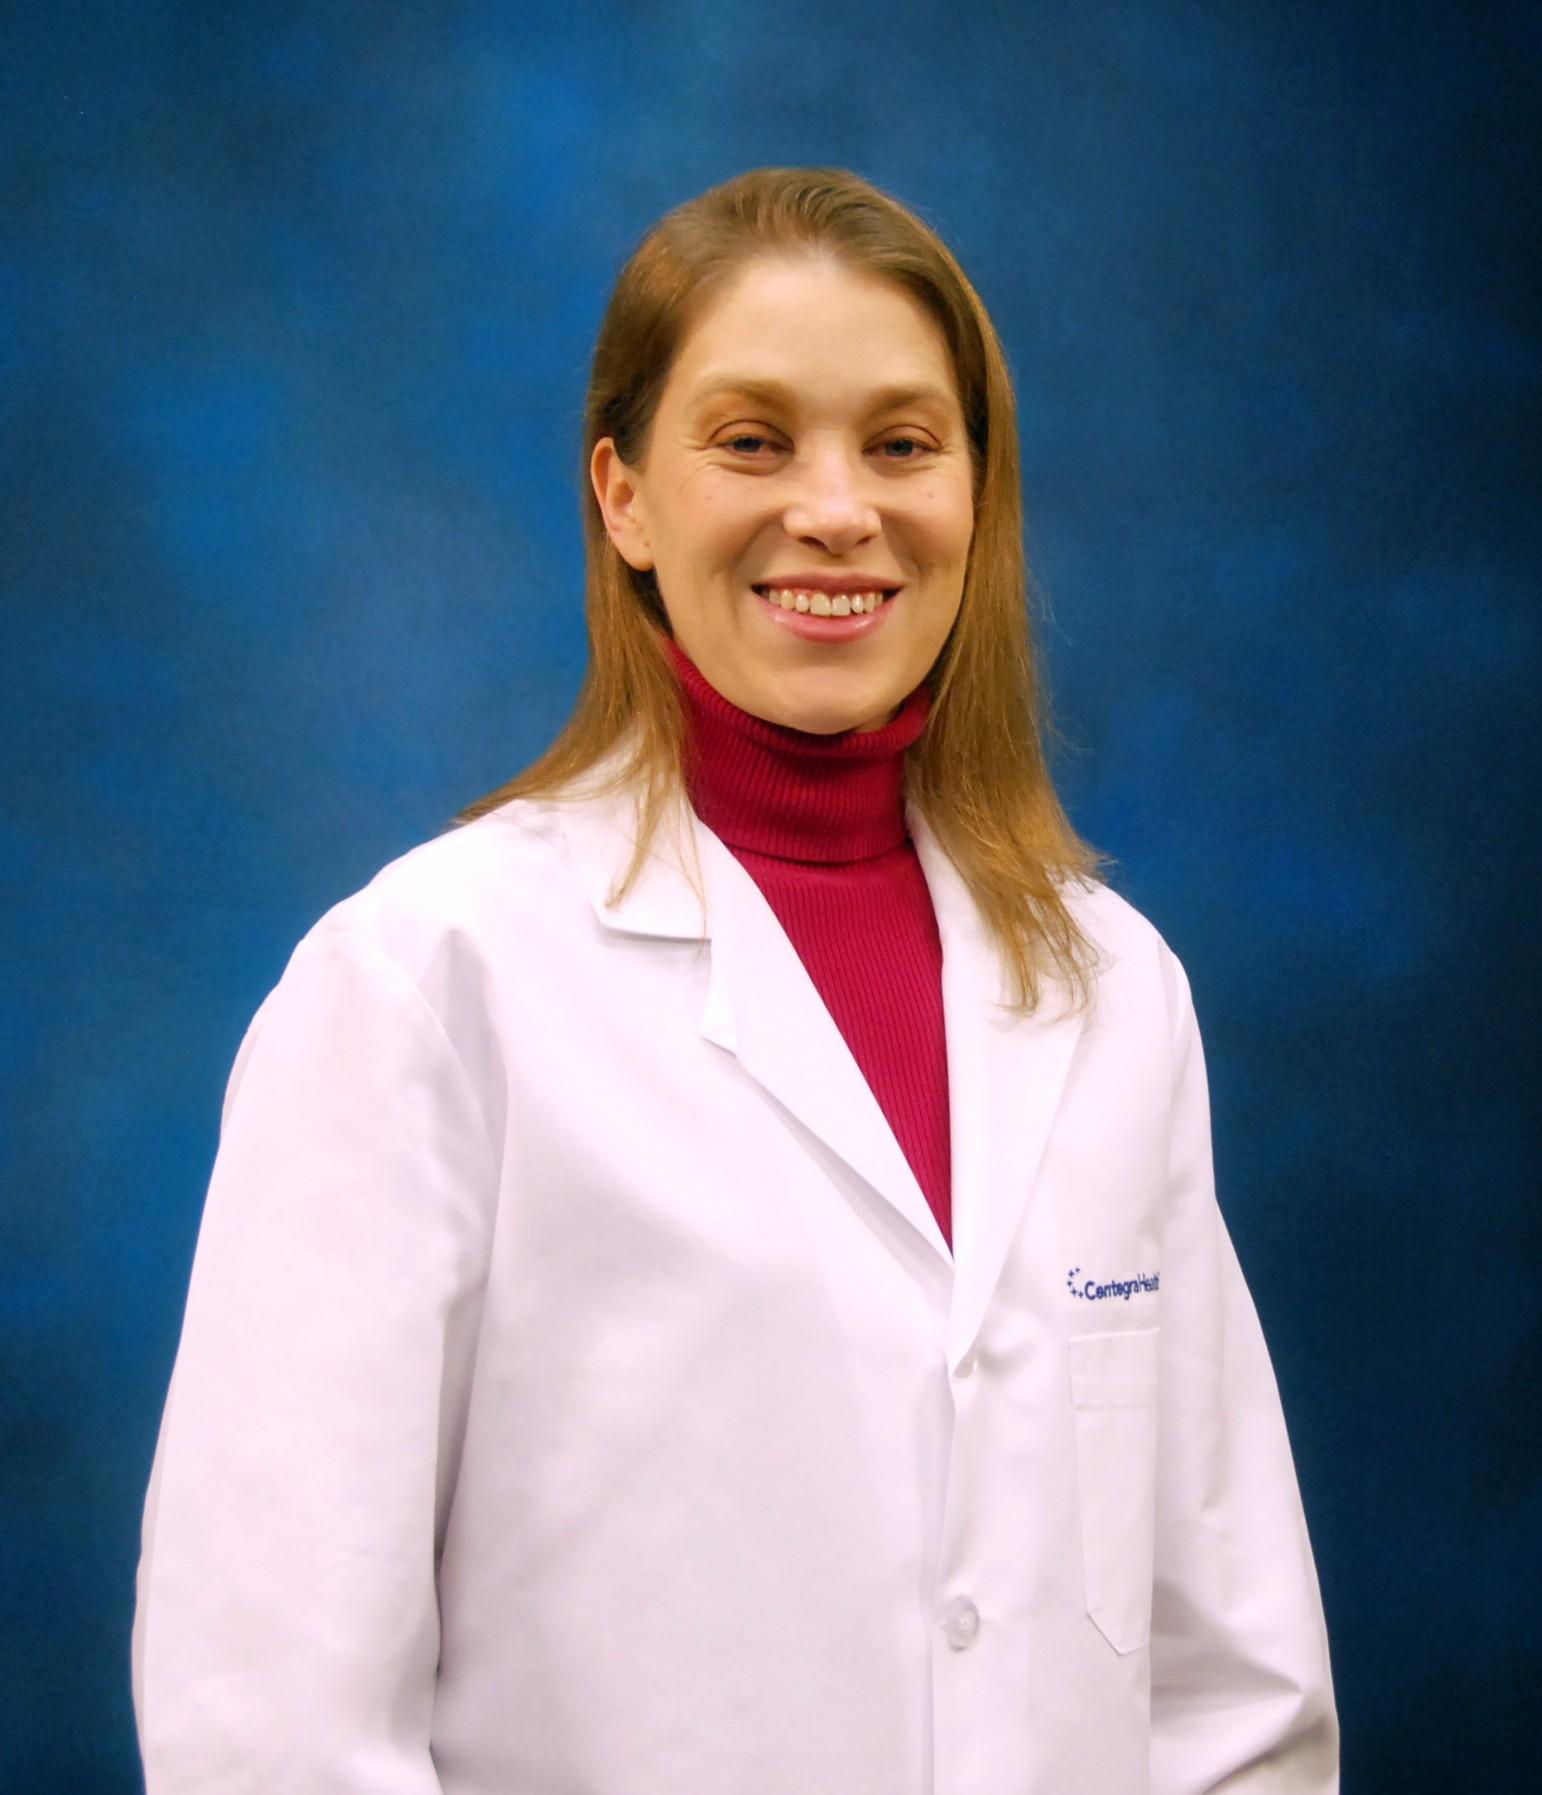 Dr. Redlich